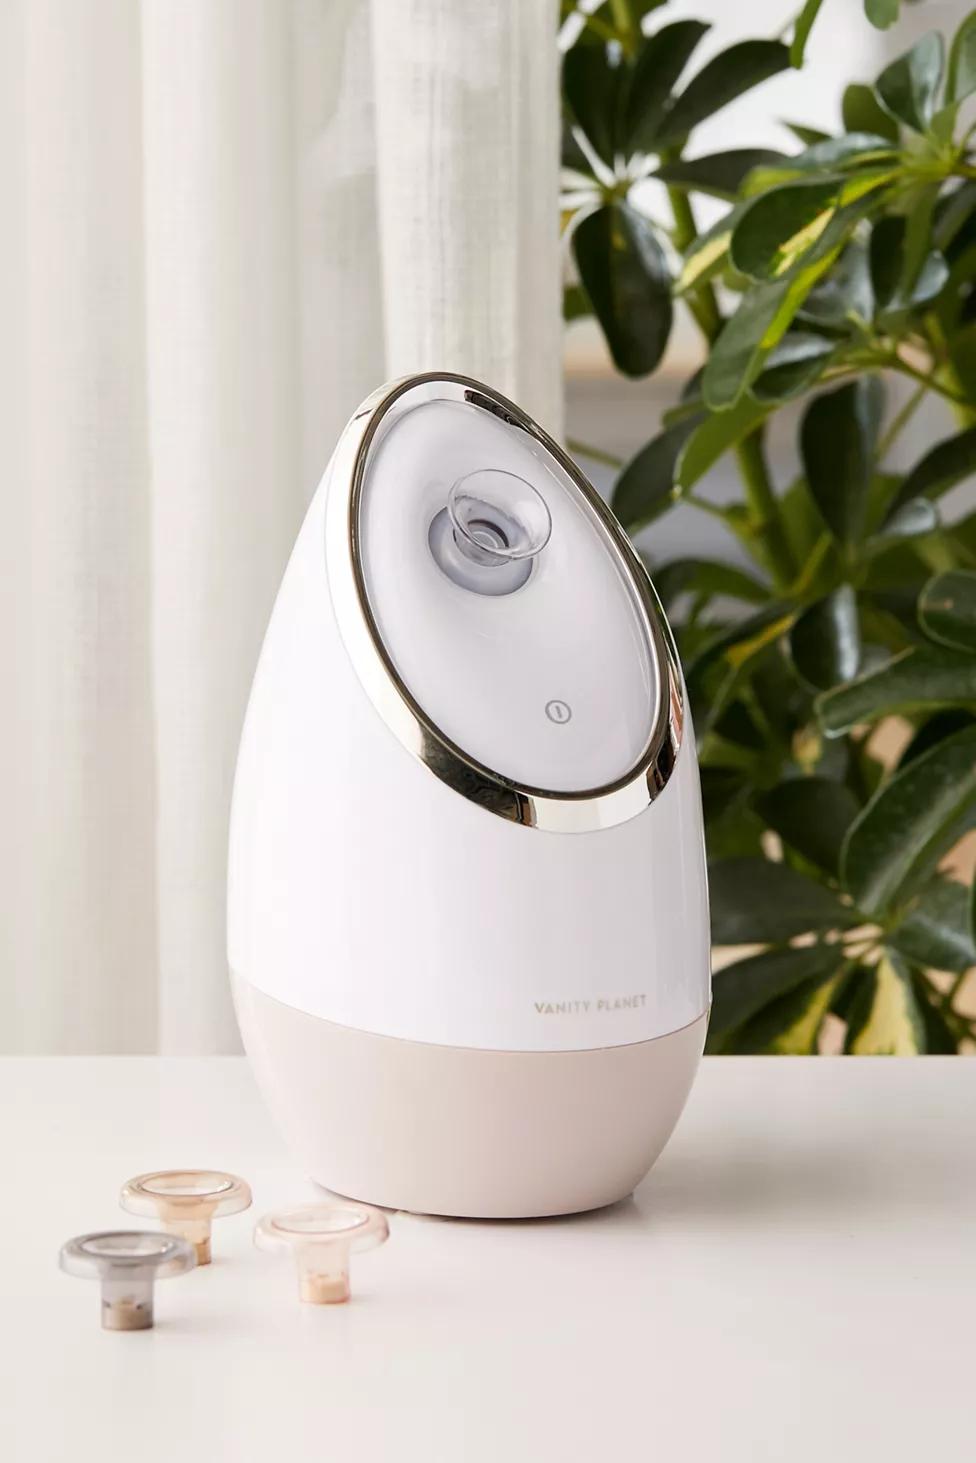 Vanity Aera Facial Steamer in 2020 Vanity